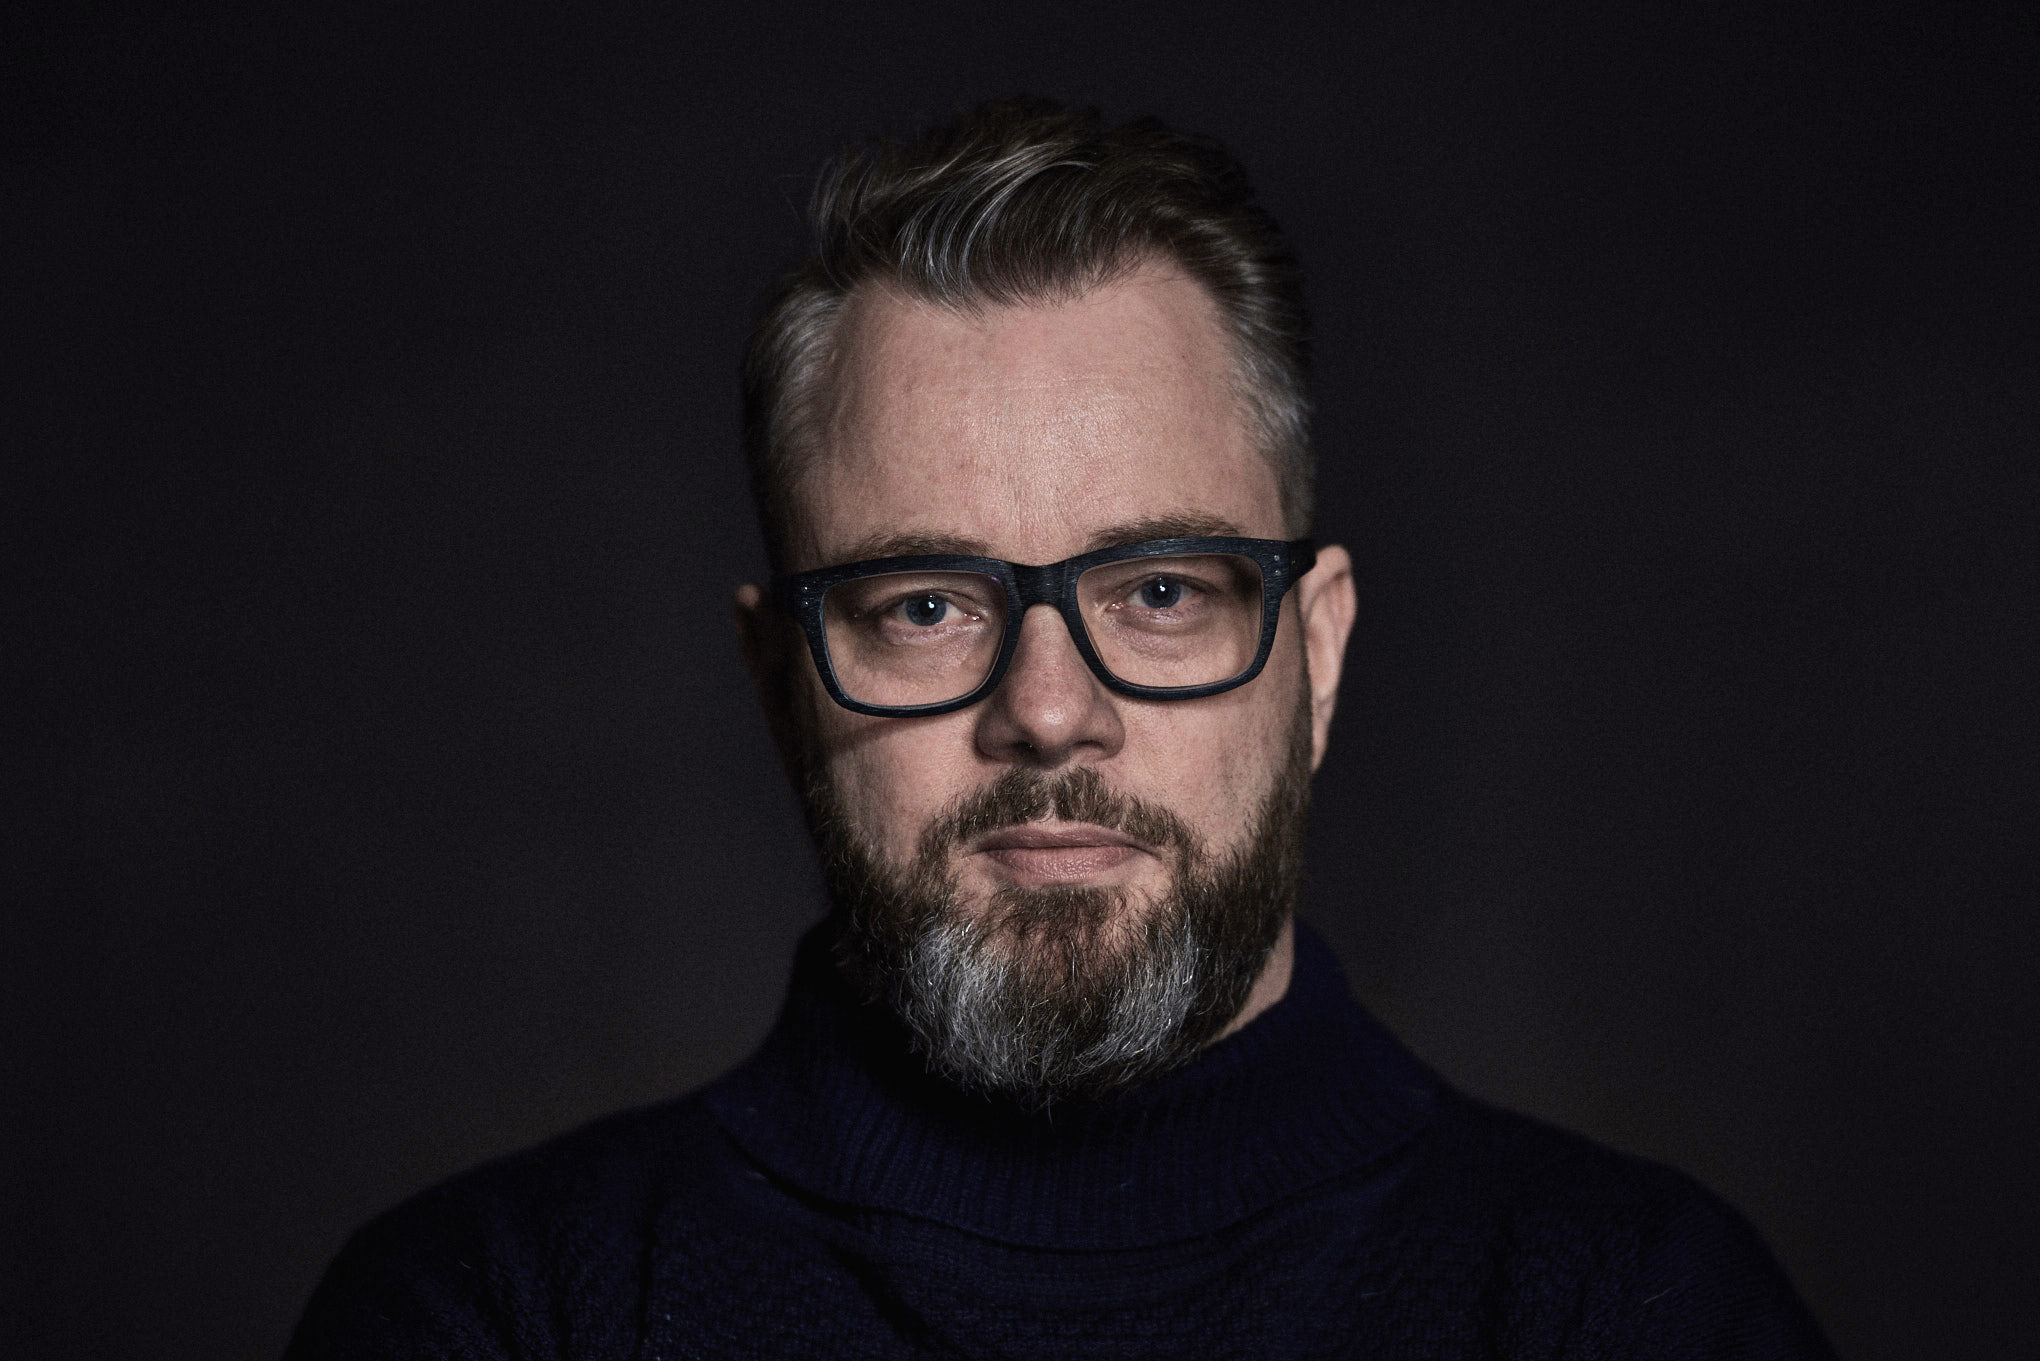 Henrik_Wessmann_Portræt_00020.jpg